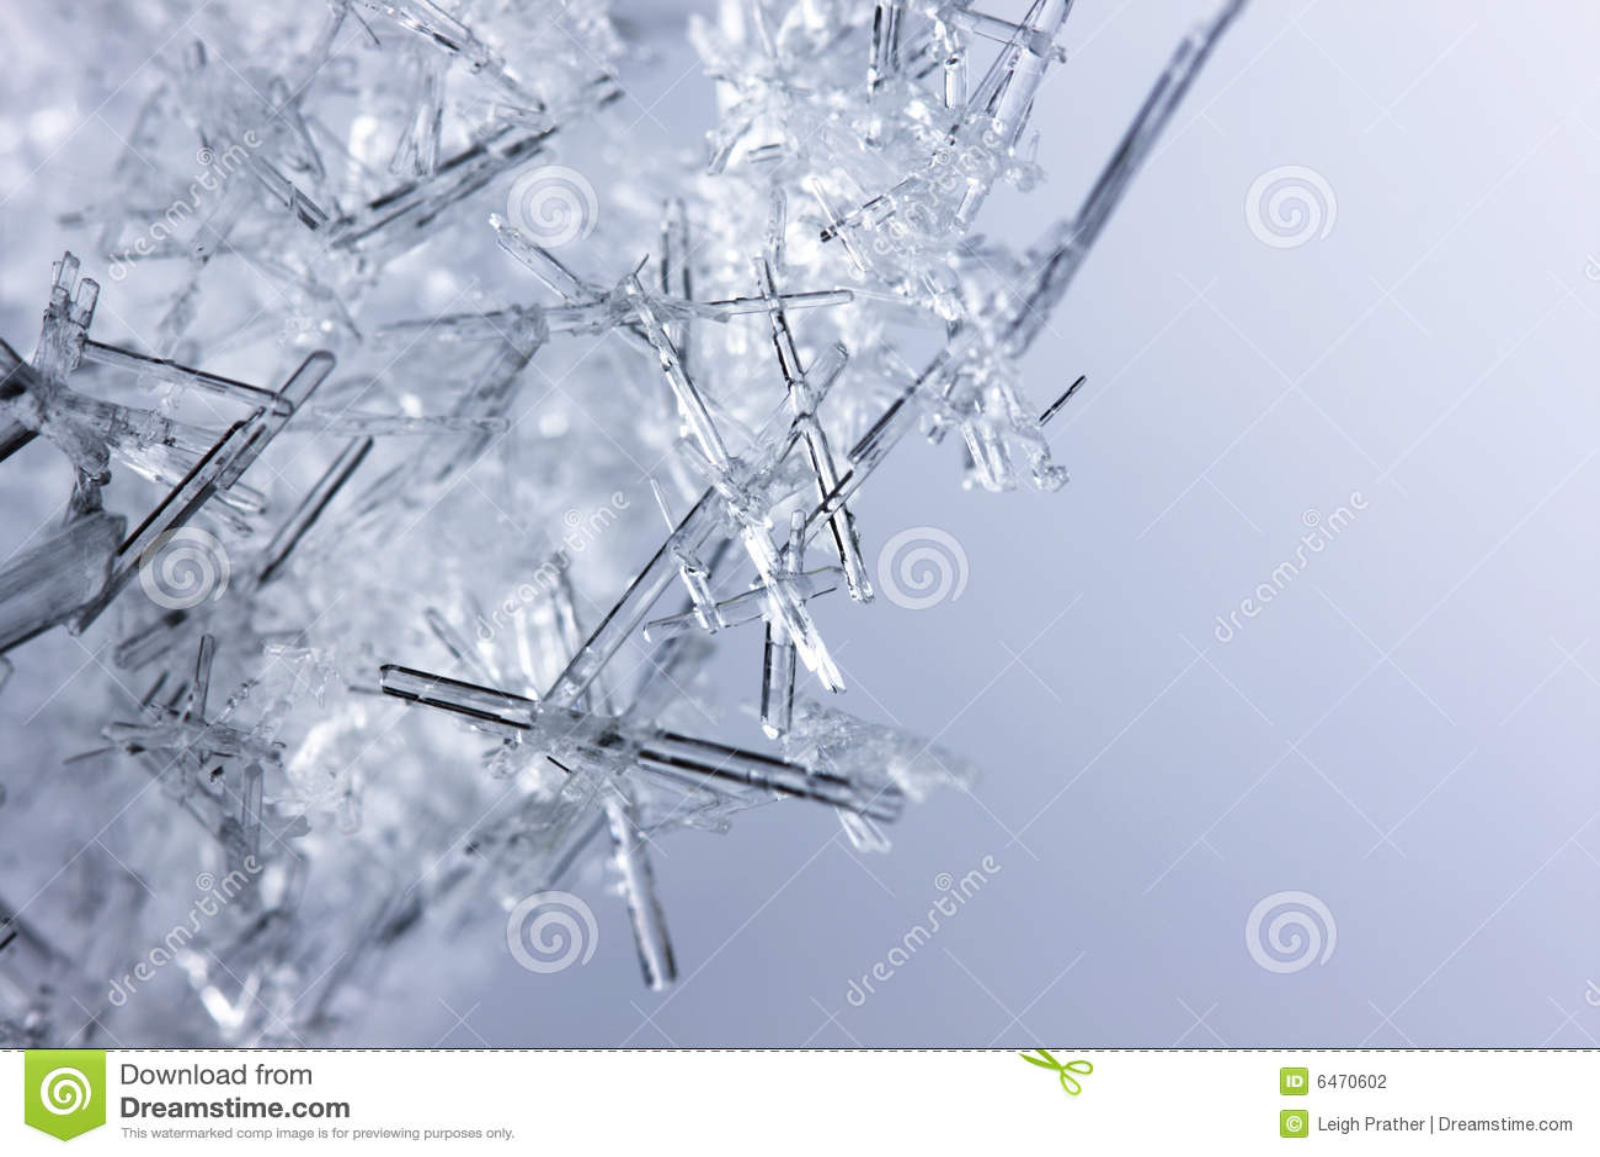 Zbliżenie kryształów lodu